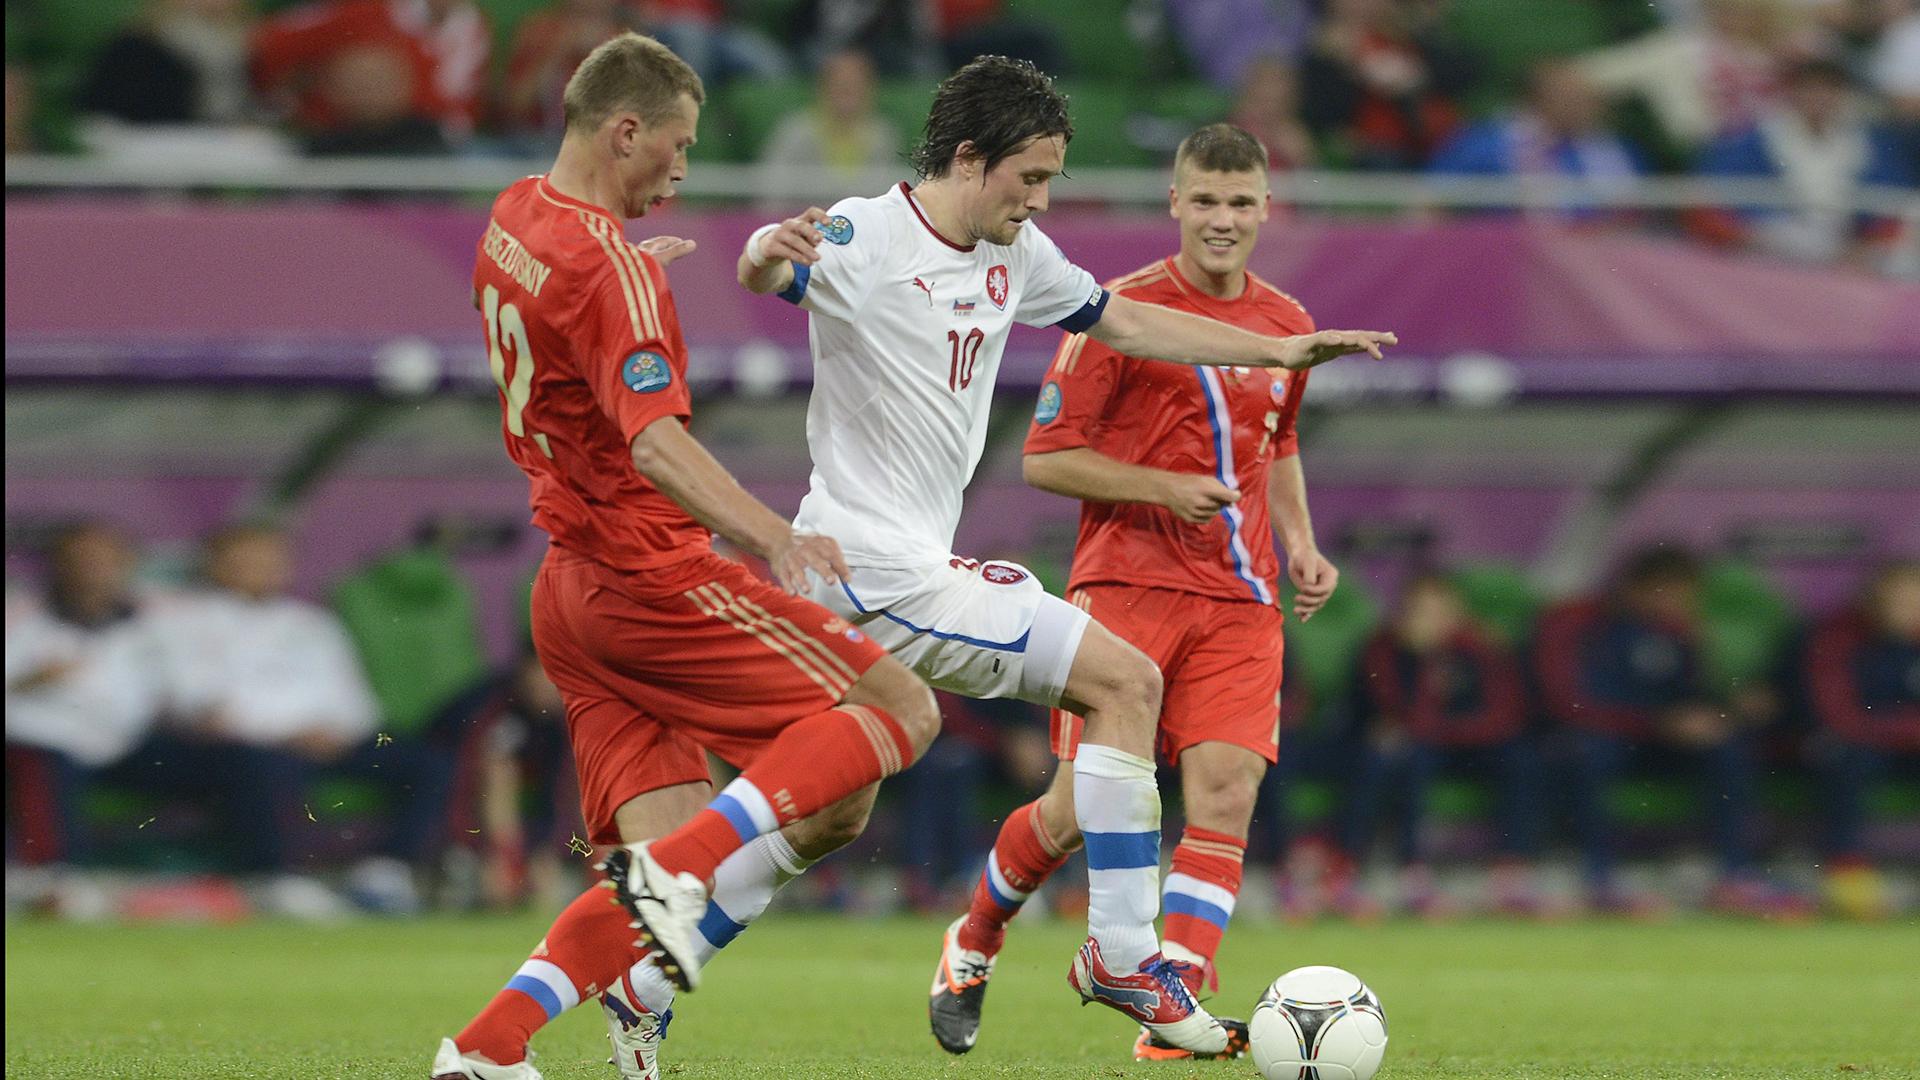 Матч Россия - Чехия на чемпионате Европы 2012